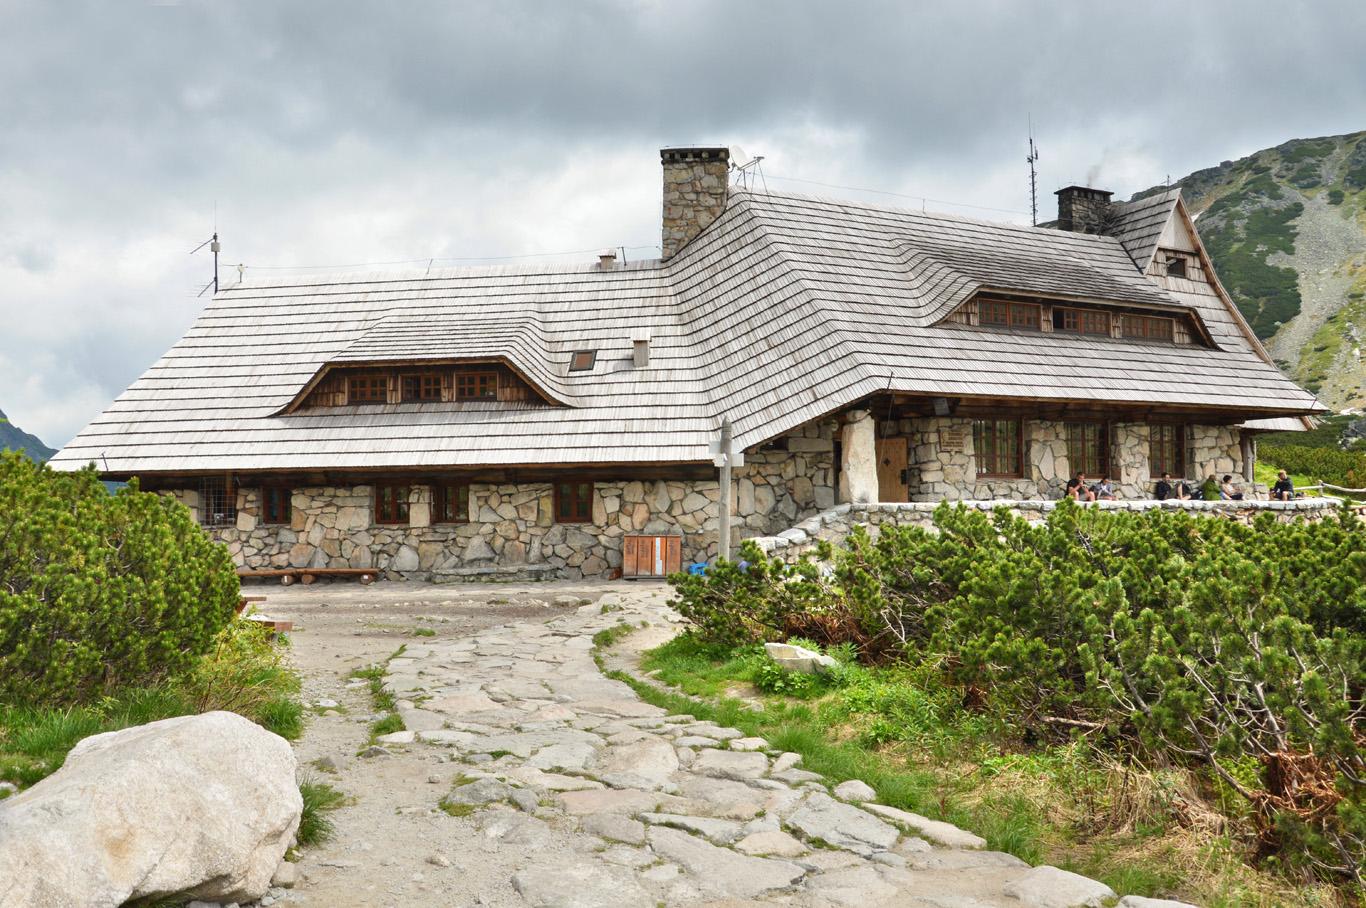 Mountain hostel in Dolina Pie  ciu Stawów